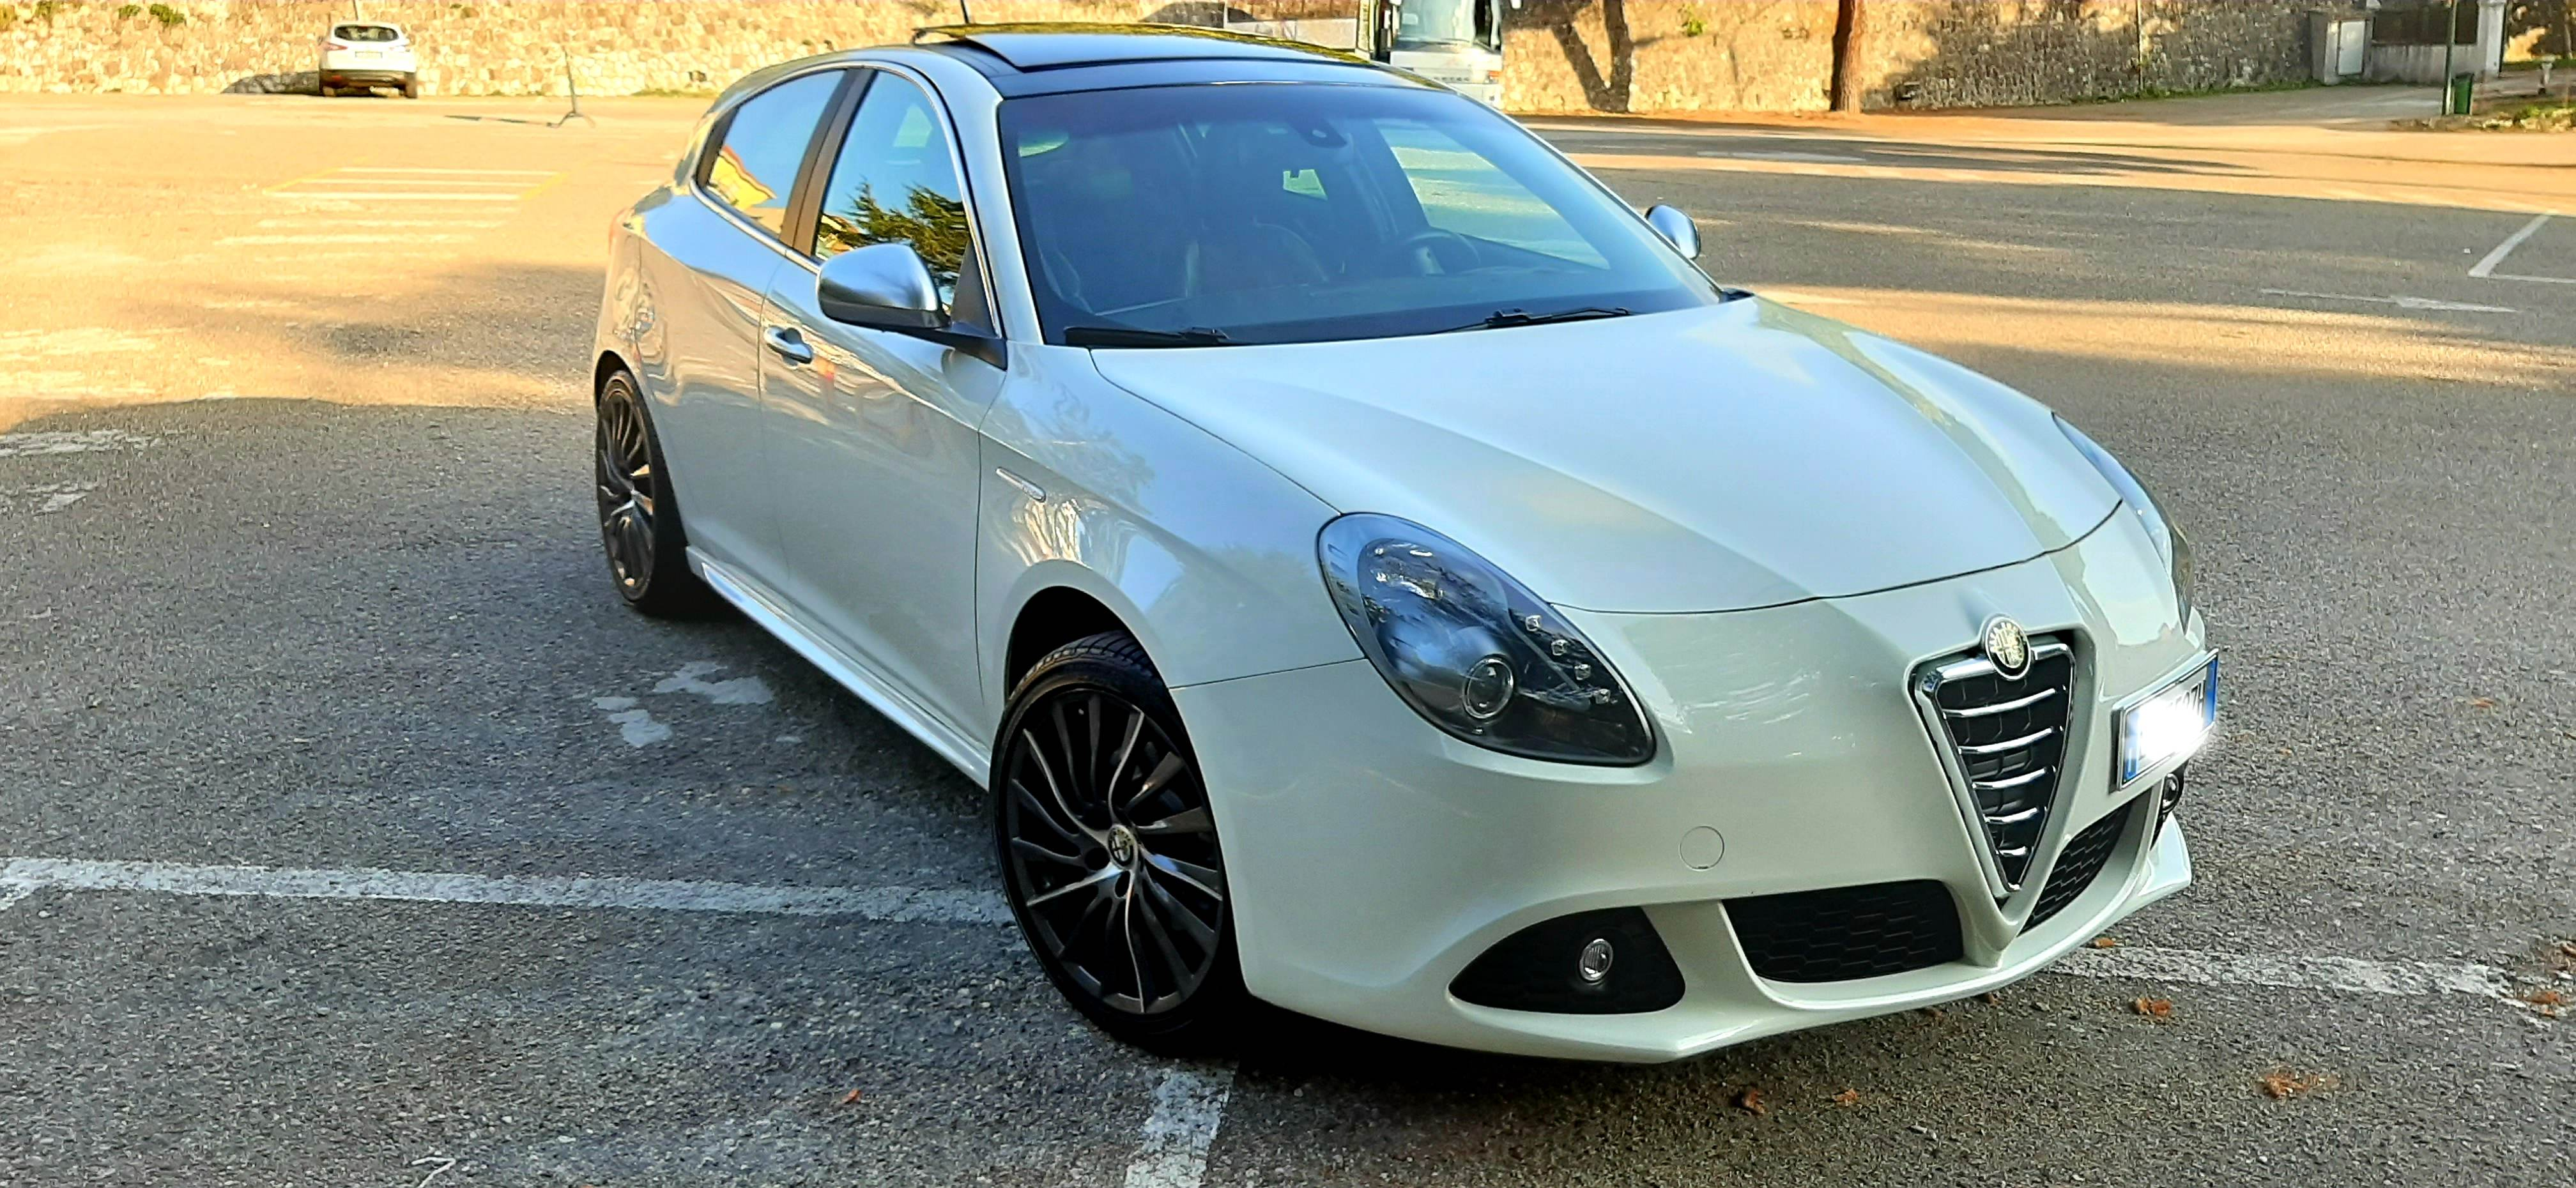 foto Scelta cerchi in lega per Alfa Romeo Giulietta - 8